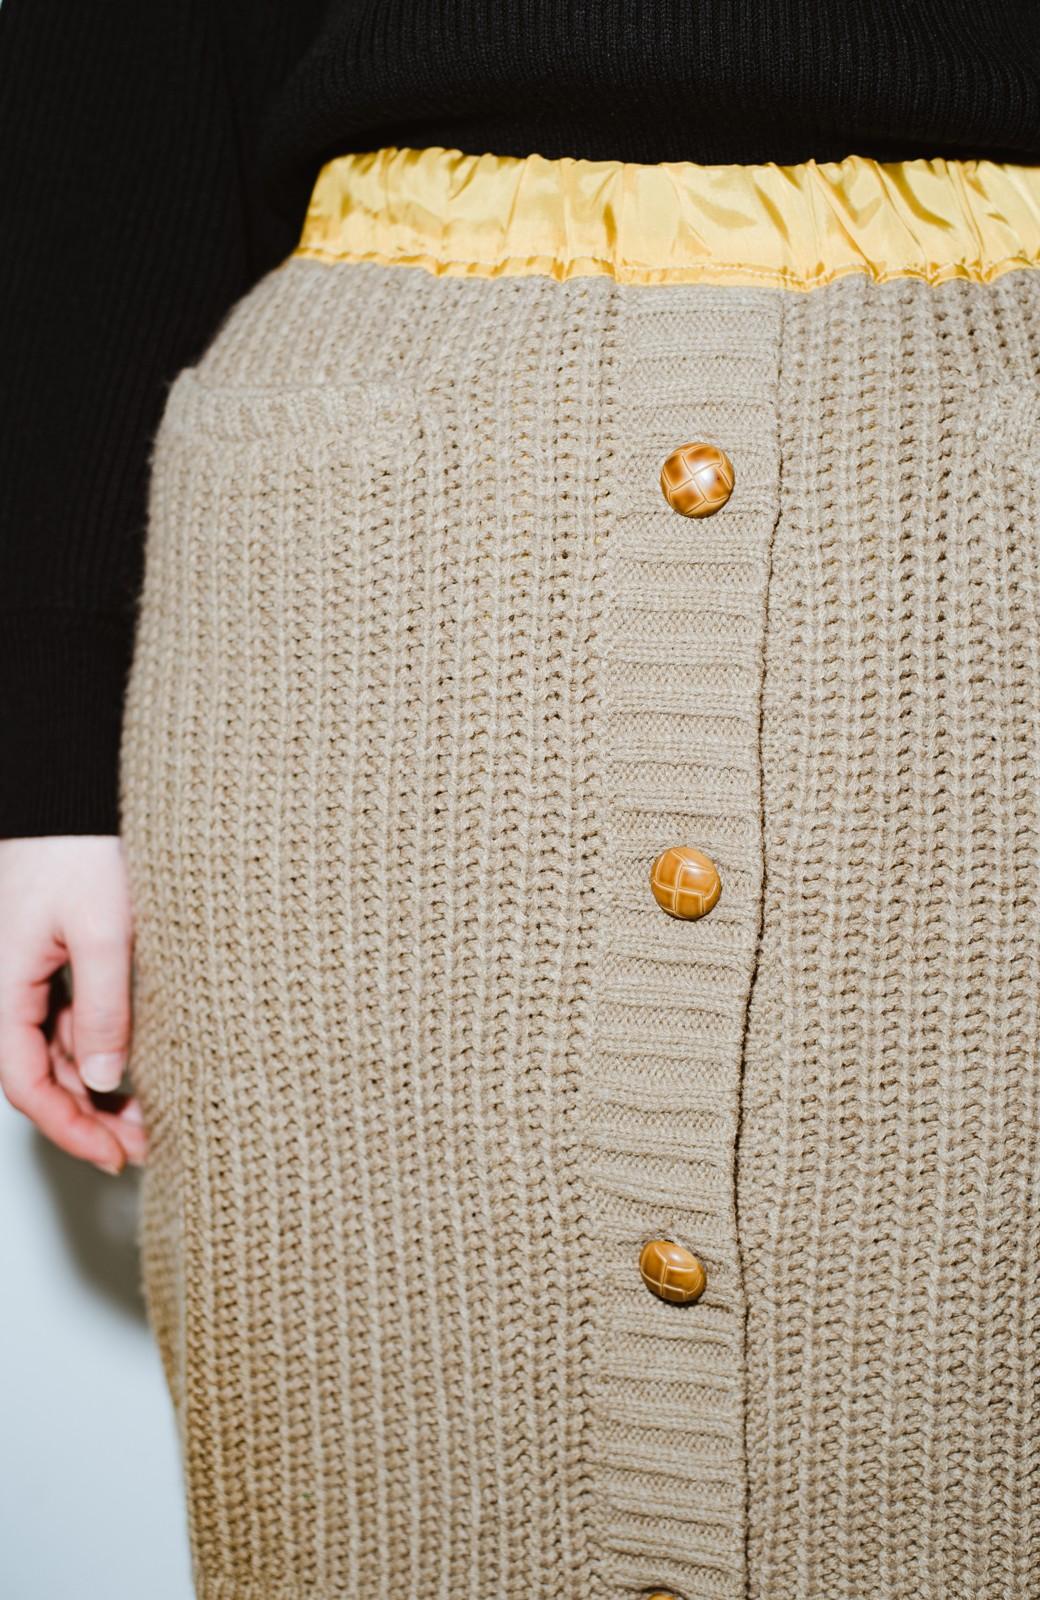 haco! co&tion POTTOニットスカート【アーティスト作品1点もの】 <ライトブラウン>の商品写真4